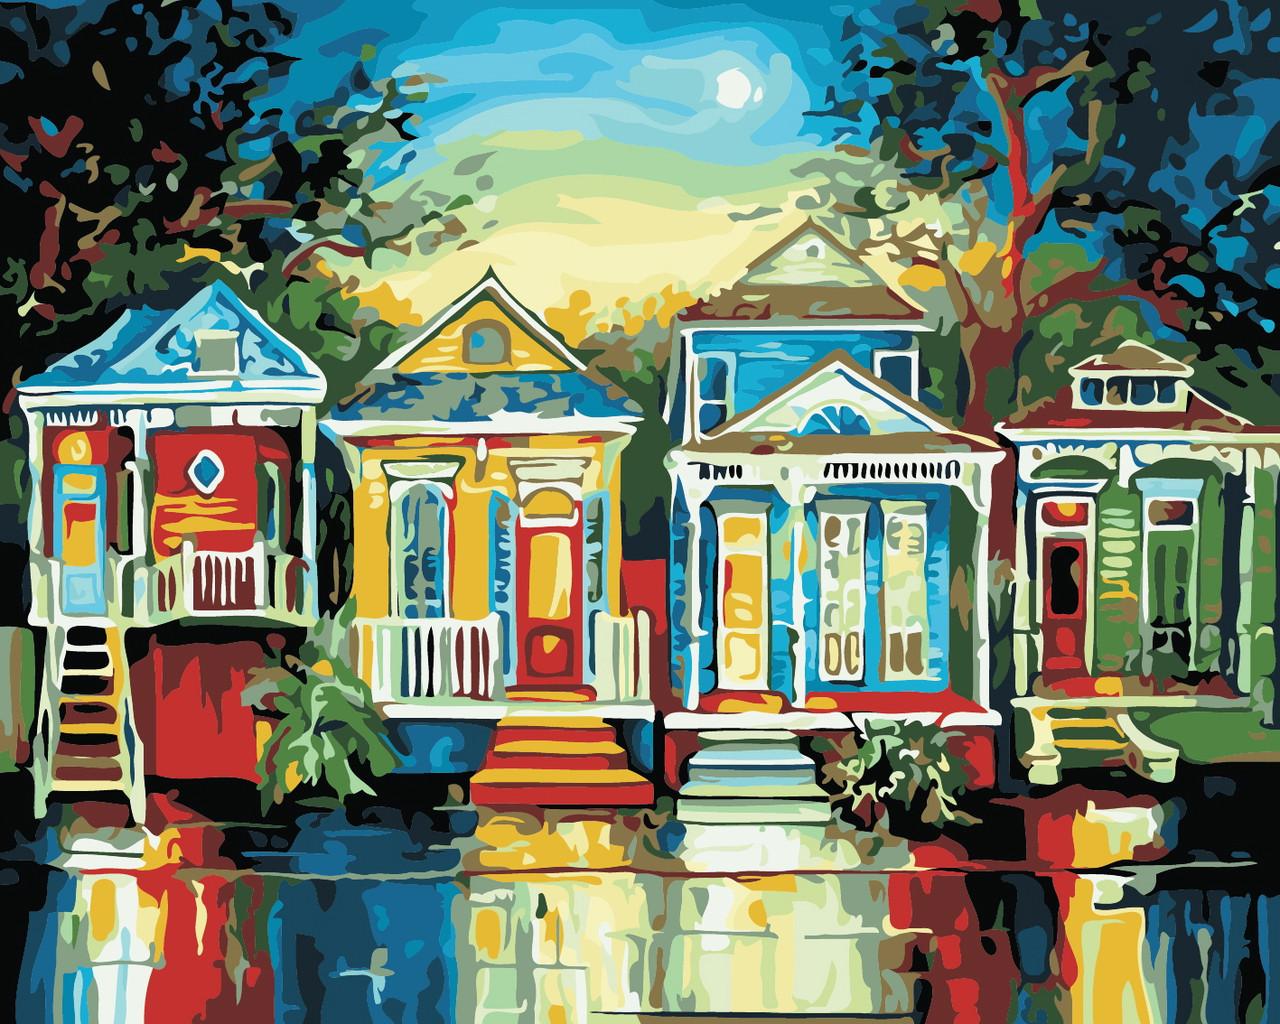 Художественный творческий набор, картина по номерам Цветные домики, 50x40 см, «Art Story» (AS0372)